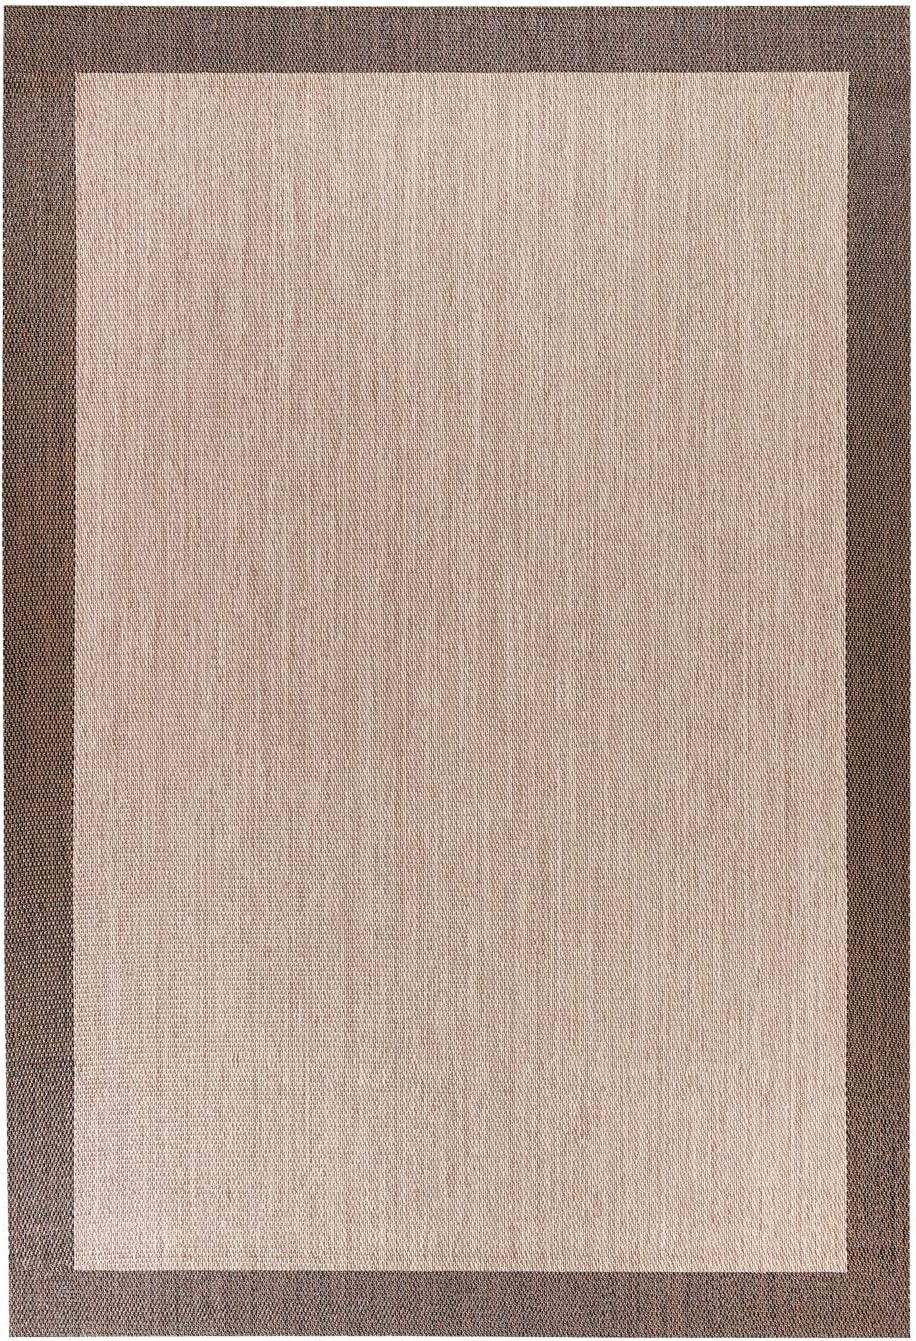 STORESDECO Alfombra vinílica Deblon – Alfombra de PVC Antideslizante y Resistente, Ideal para salón, Cocina, baño… ¡Disponible en Medidas Grandes! (160cm x 230cm, Marrón)